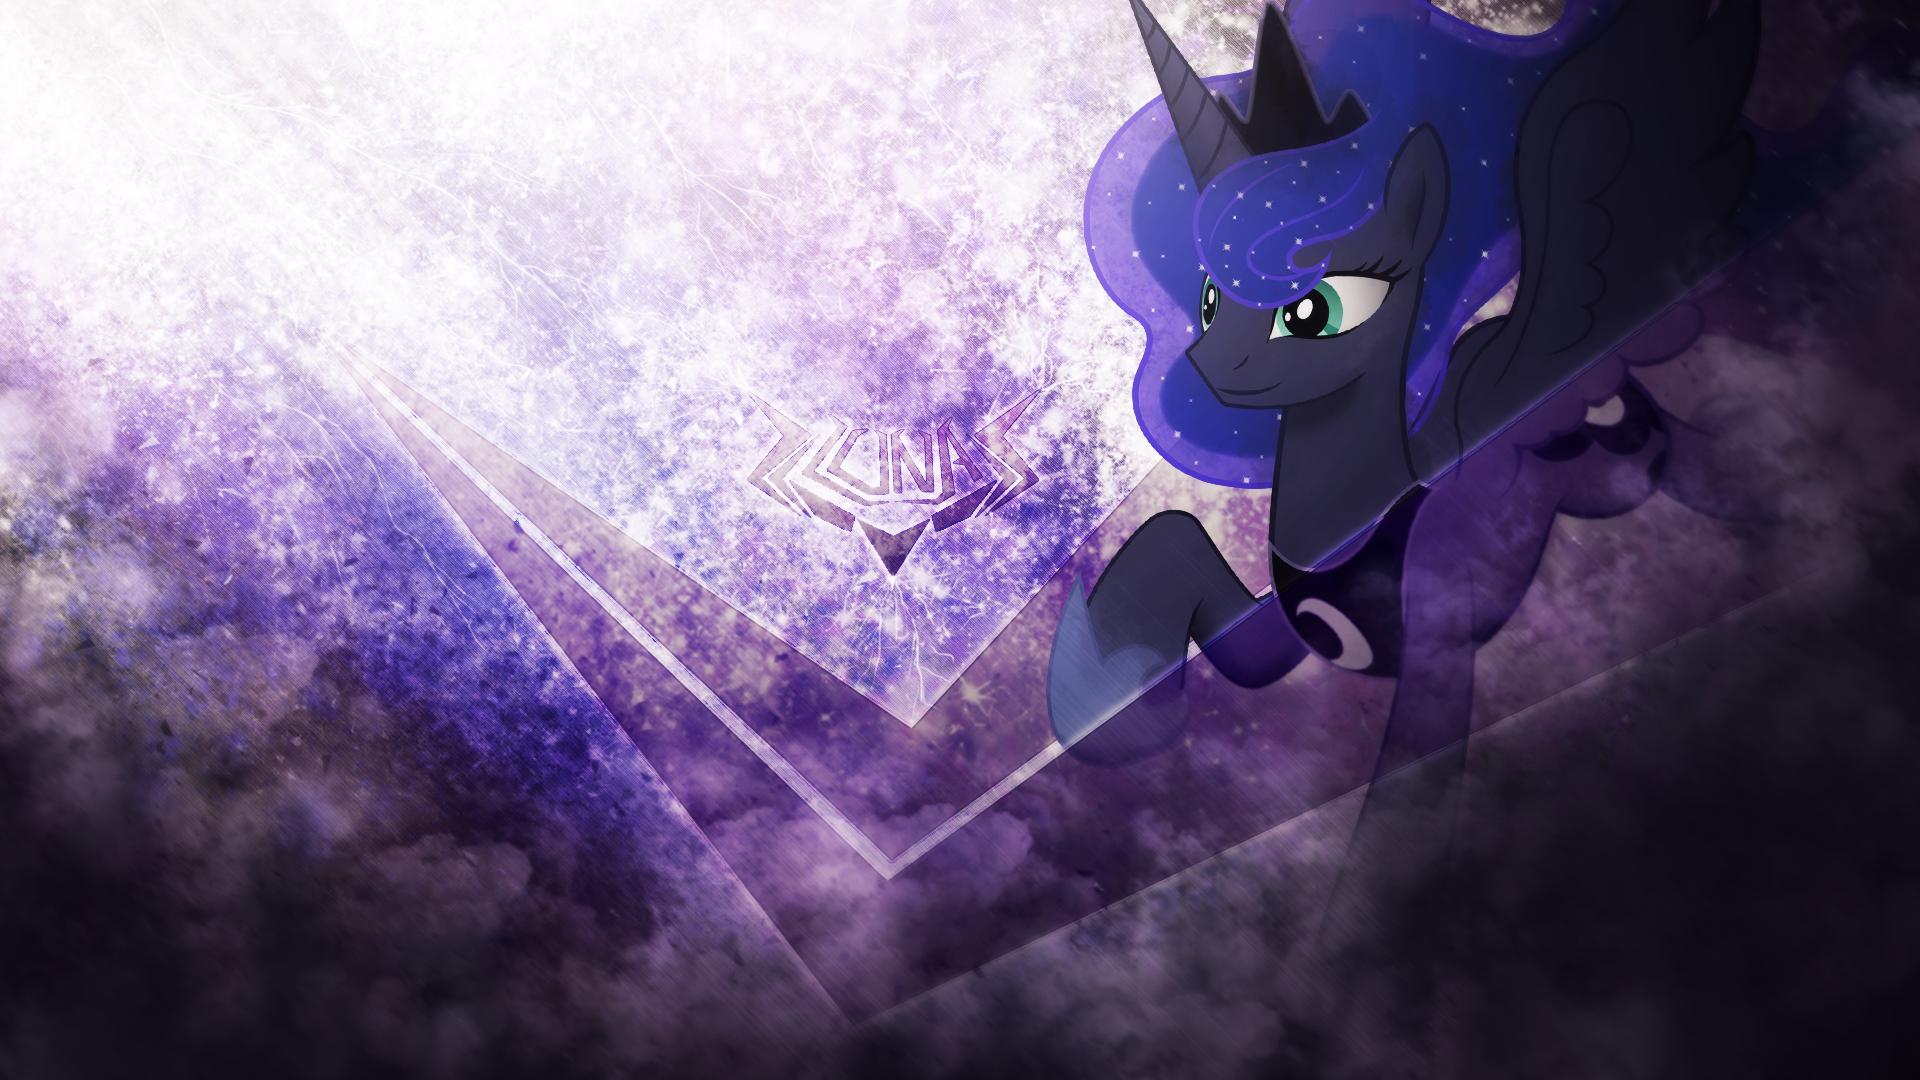 Luna's Night by Derpwave, KP-ShadowSquirrel and SandwichDelta